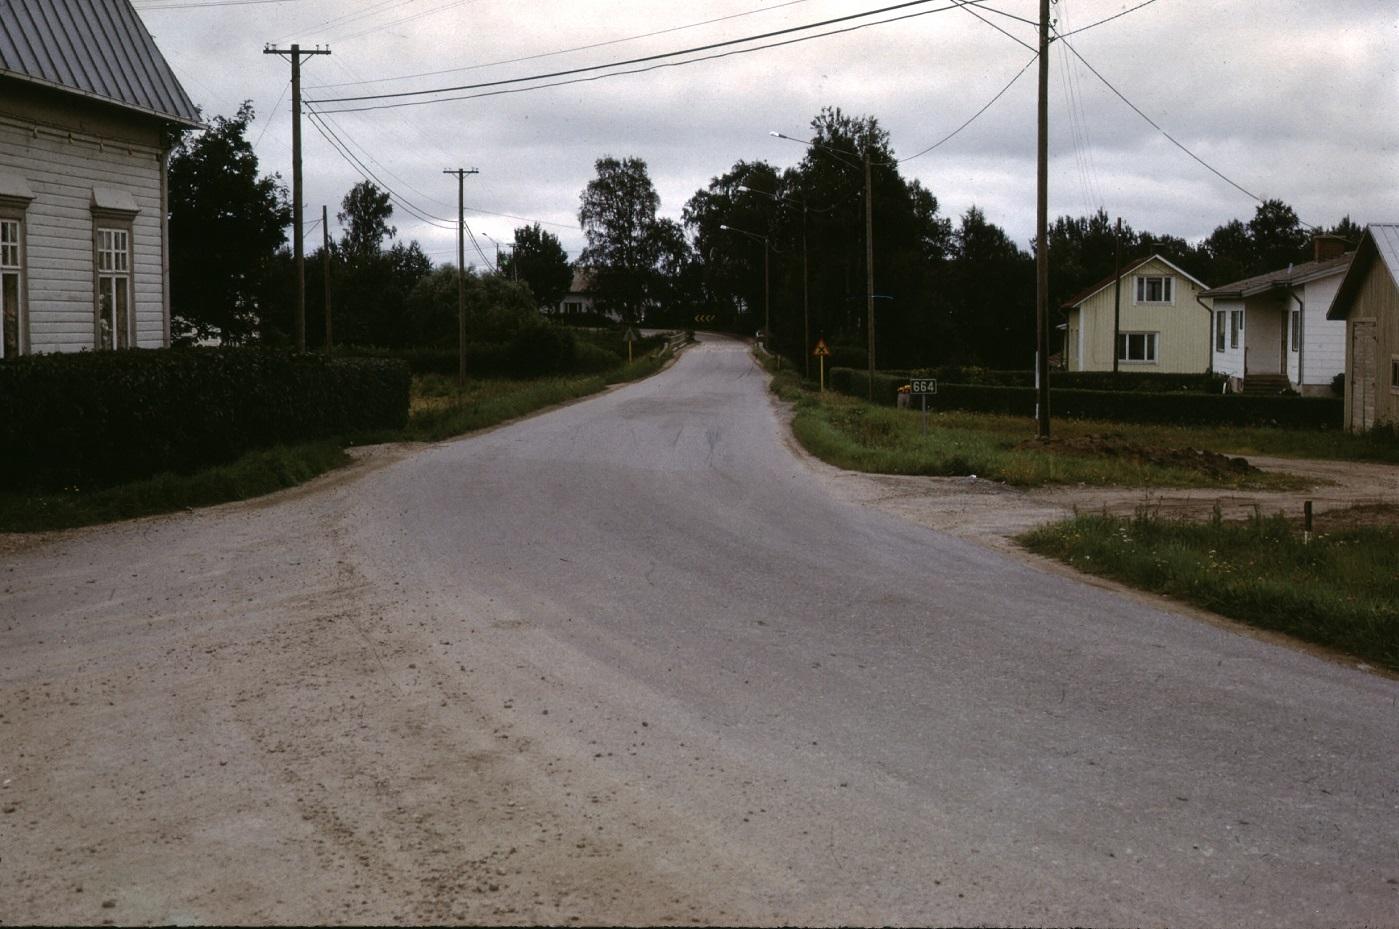 Storabron fotograferad från Bötomkorsningen år 1974. Det gula huset till höger tillhör Birger och Anna Björklund och följande är Ålgars gård. Riktigt i kanten skymtar Andelshandelns lagerbyggnad.